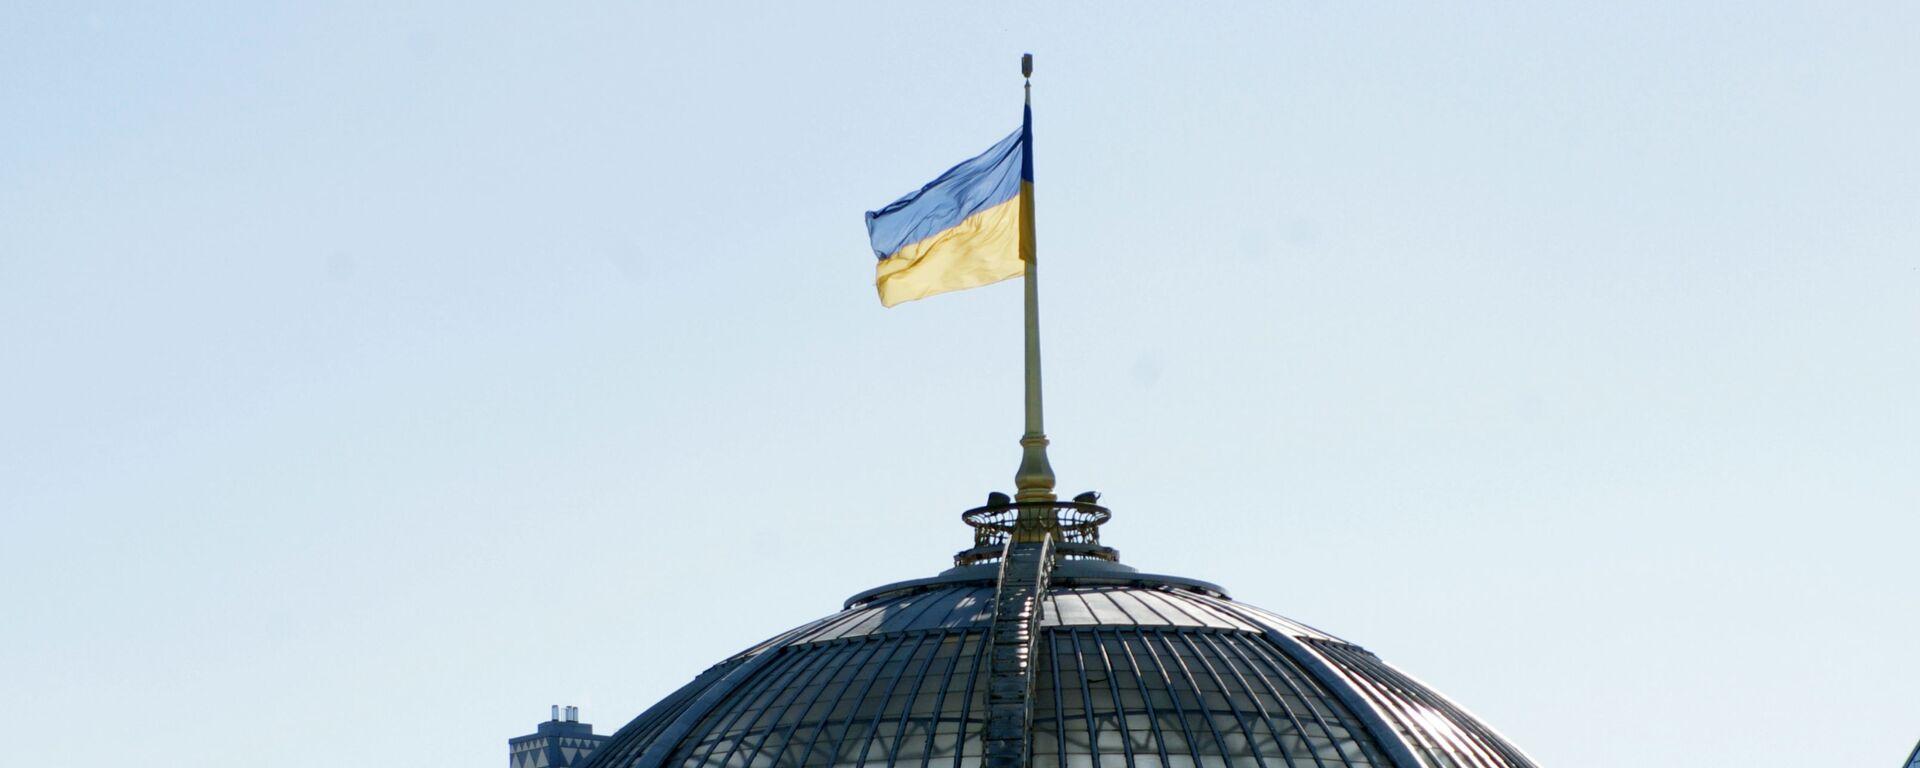 Ukrajinská vlajka na Nejvyšší radě - Sputnik Česká republika, 1920, 10.09.2021